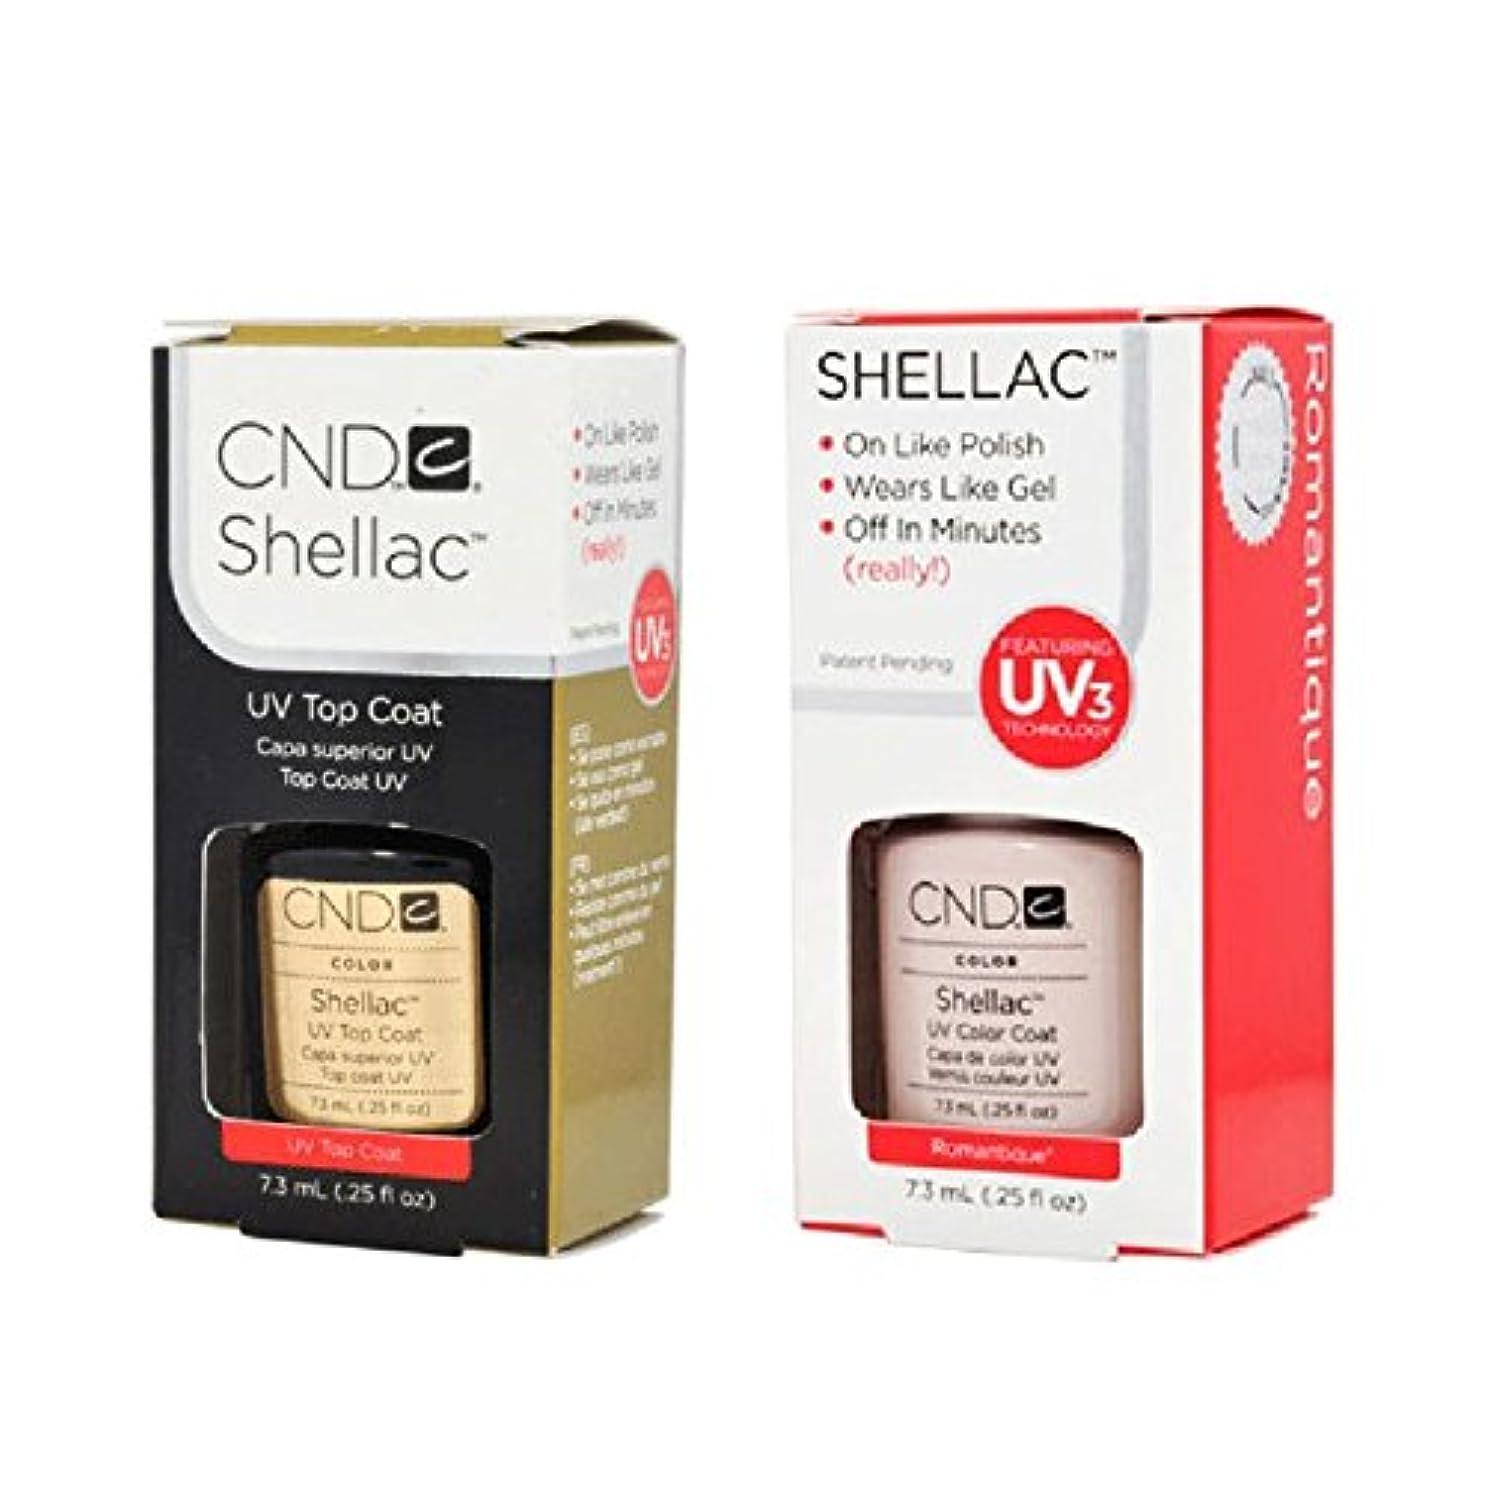 それに応じて志す砂利CND Shellac UVトップコート 7.3m l  &  UV カラーコー< Romantique>7.3ml [海外直送品]